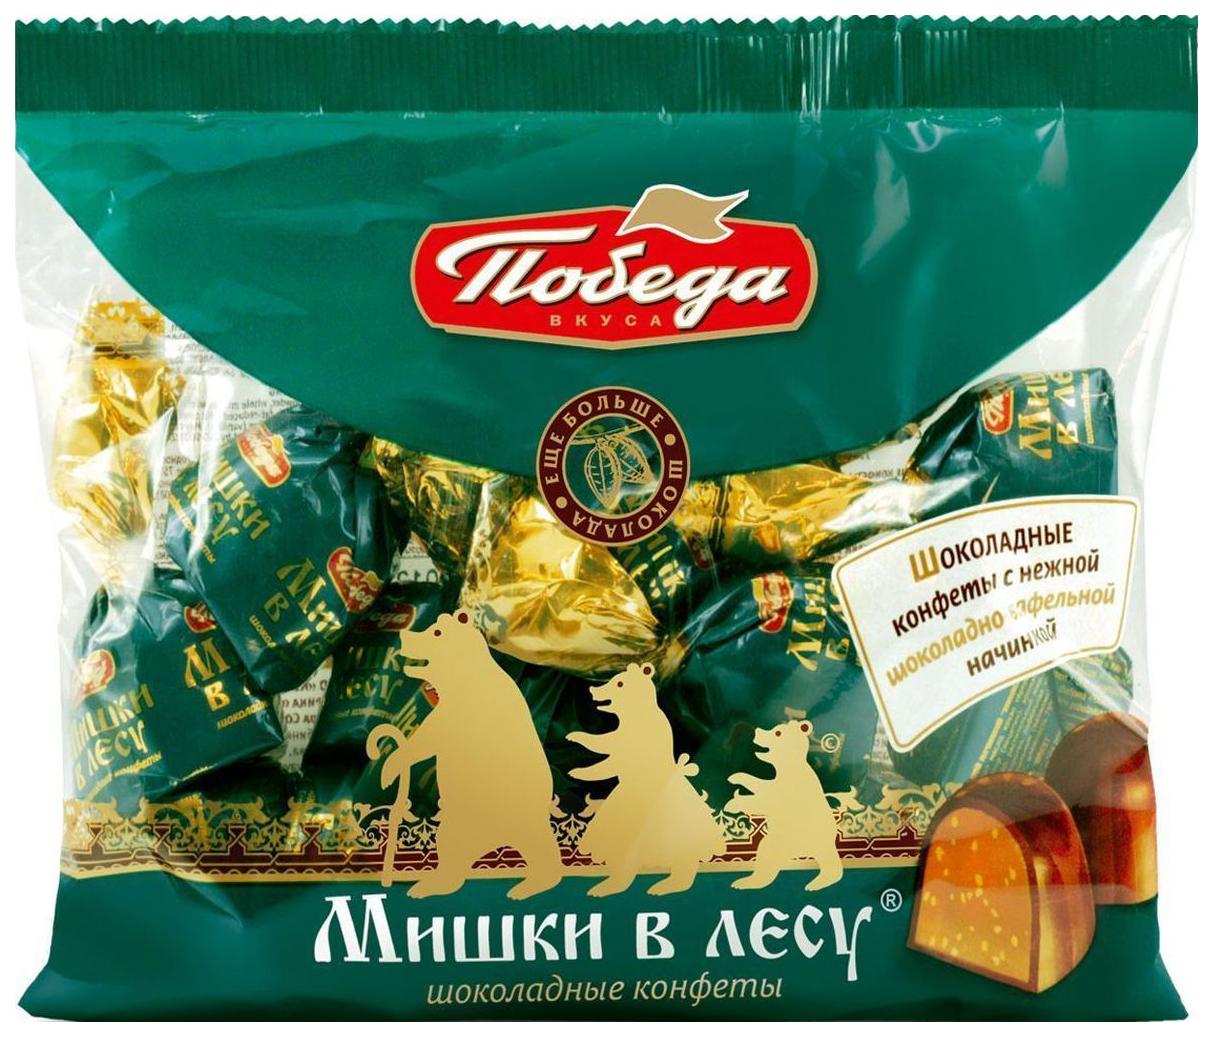 Конфеты шоколадные Победа вкуса мишки в лесу с шоколадно-вафельной начинкой 200 г фото